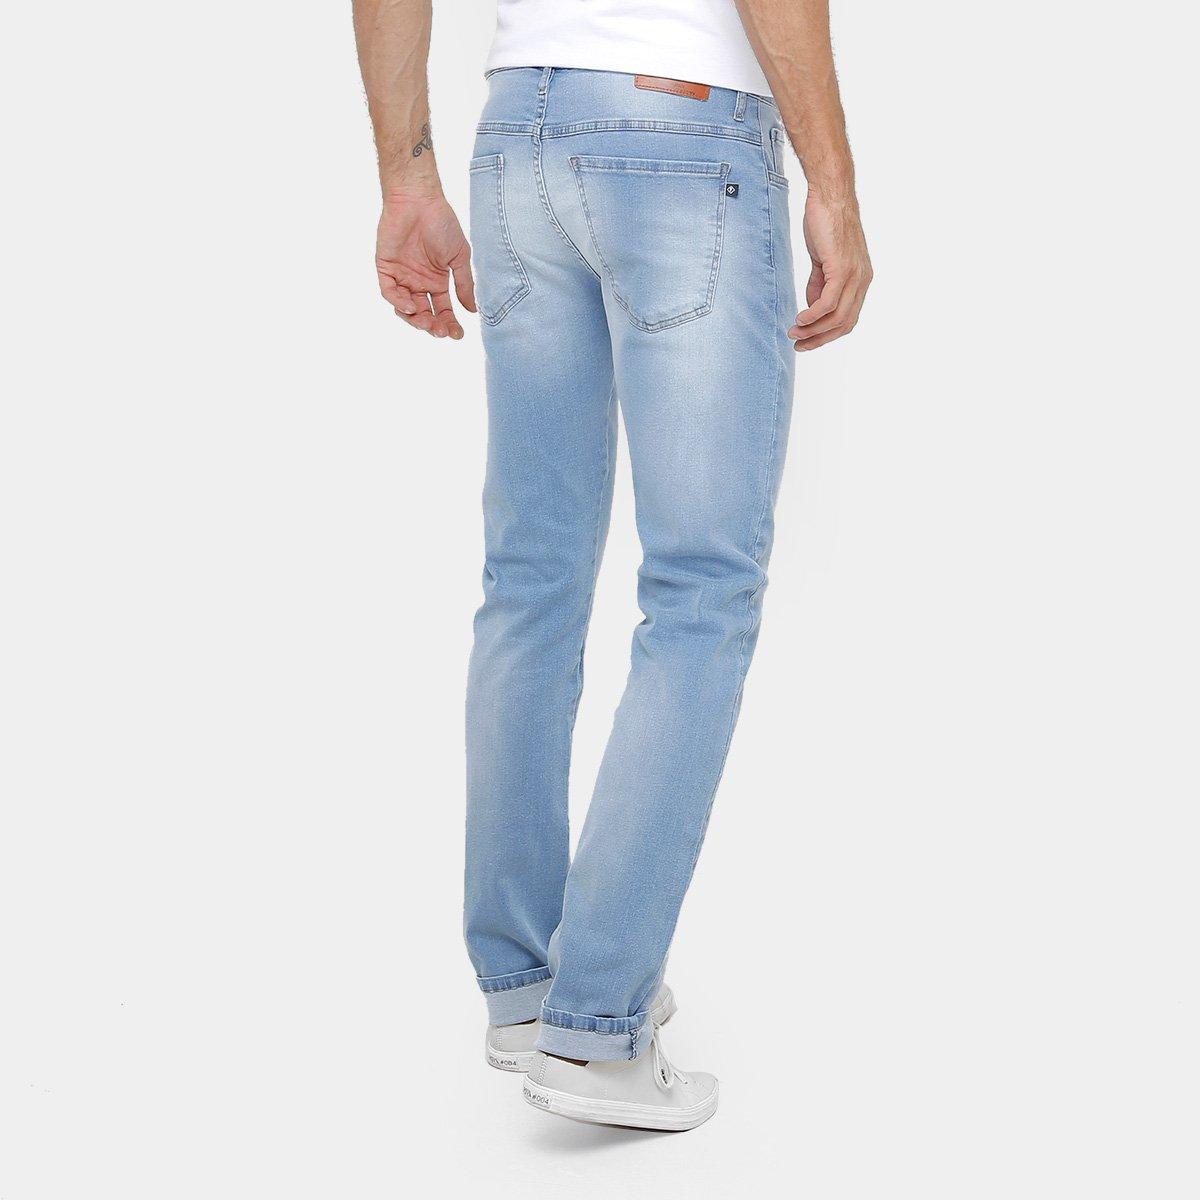 Calça Jeans Slim Forum Paul Indigo Masculina - Compre Agora  e43ef4a3c9c6f